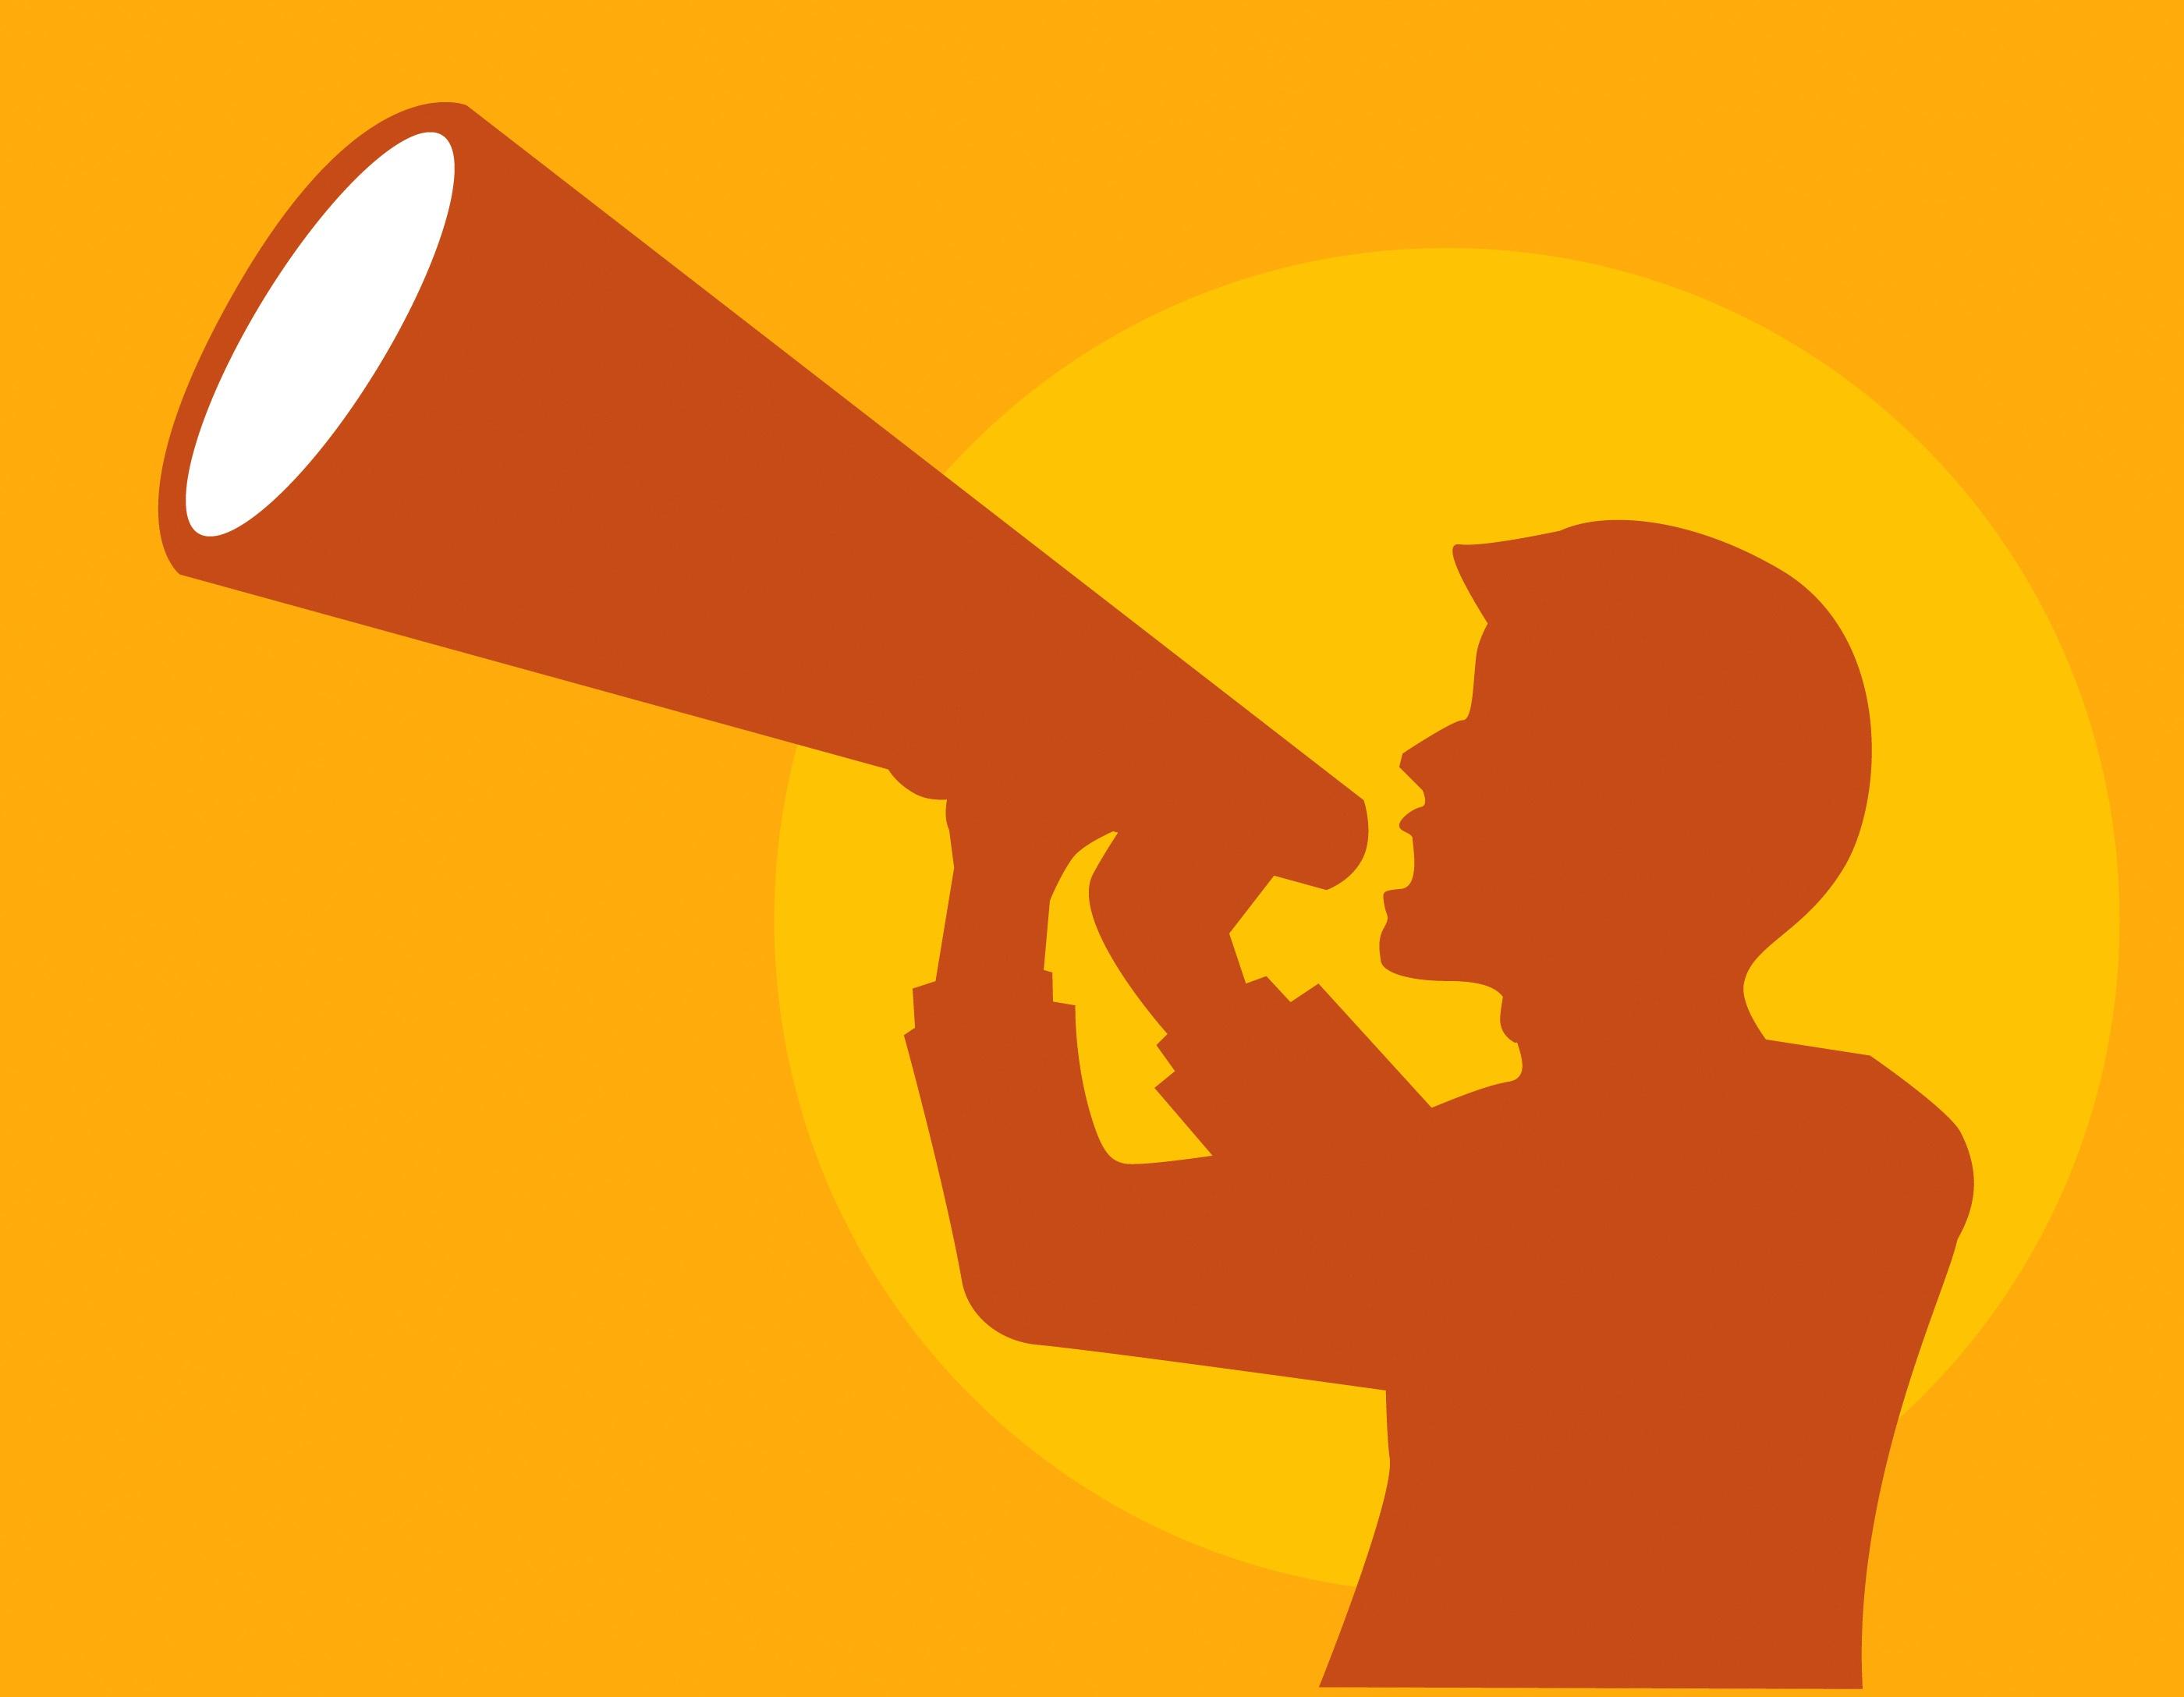 Guia Prático: Use o Branding e o Storytelling para Promover Sua Marca Pessoal e Sua Empresa